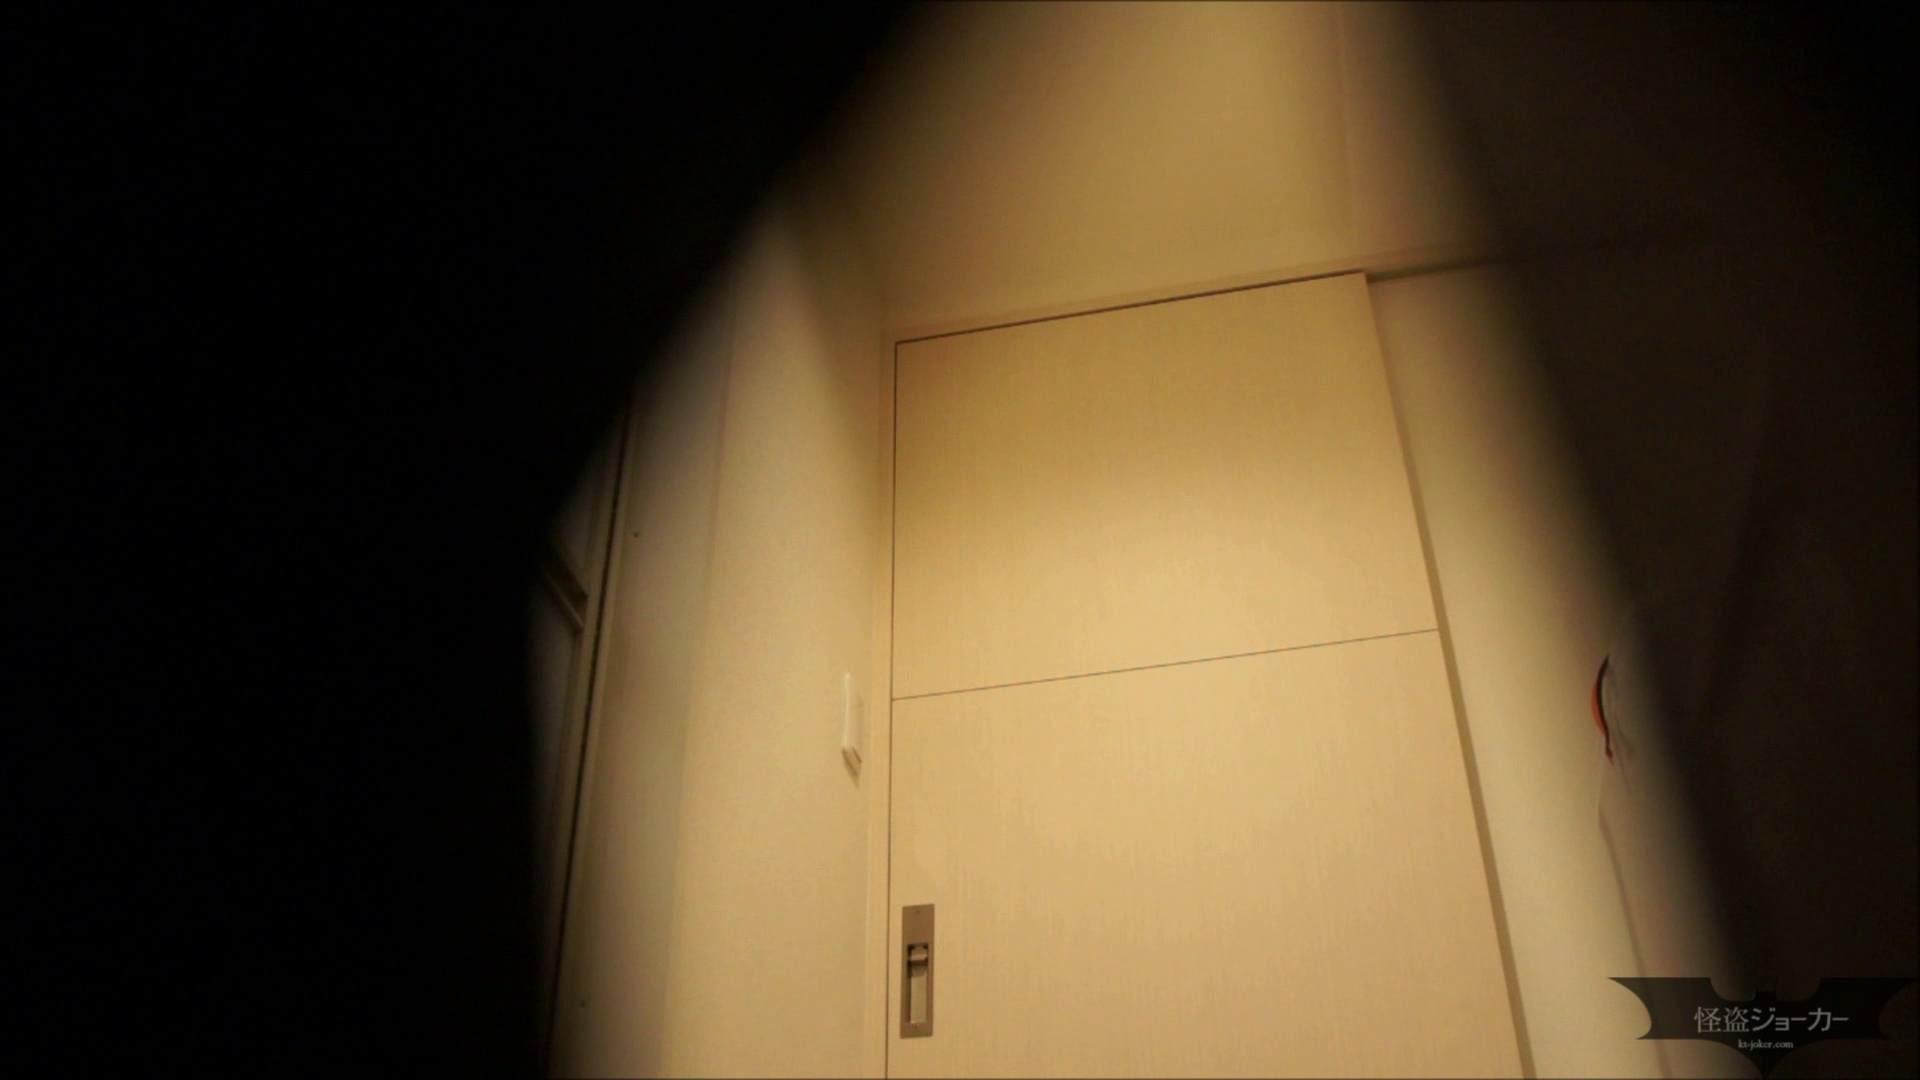 【未公開】vol.54【小春】脱衣所とオナニー隠し撮り オナニー  92pic 5